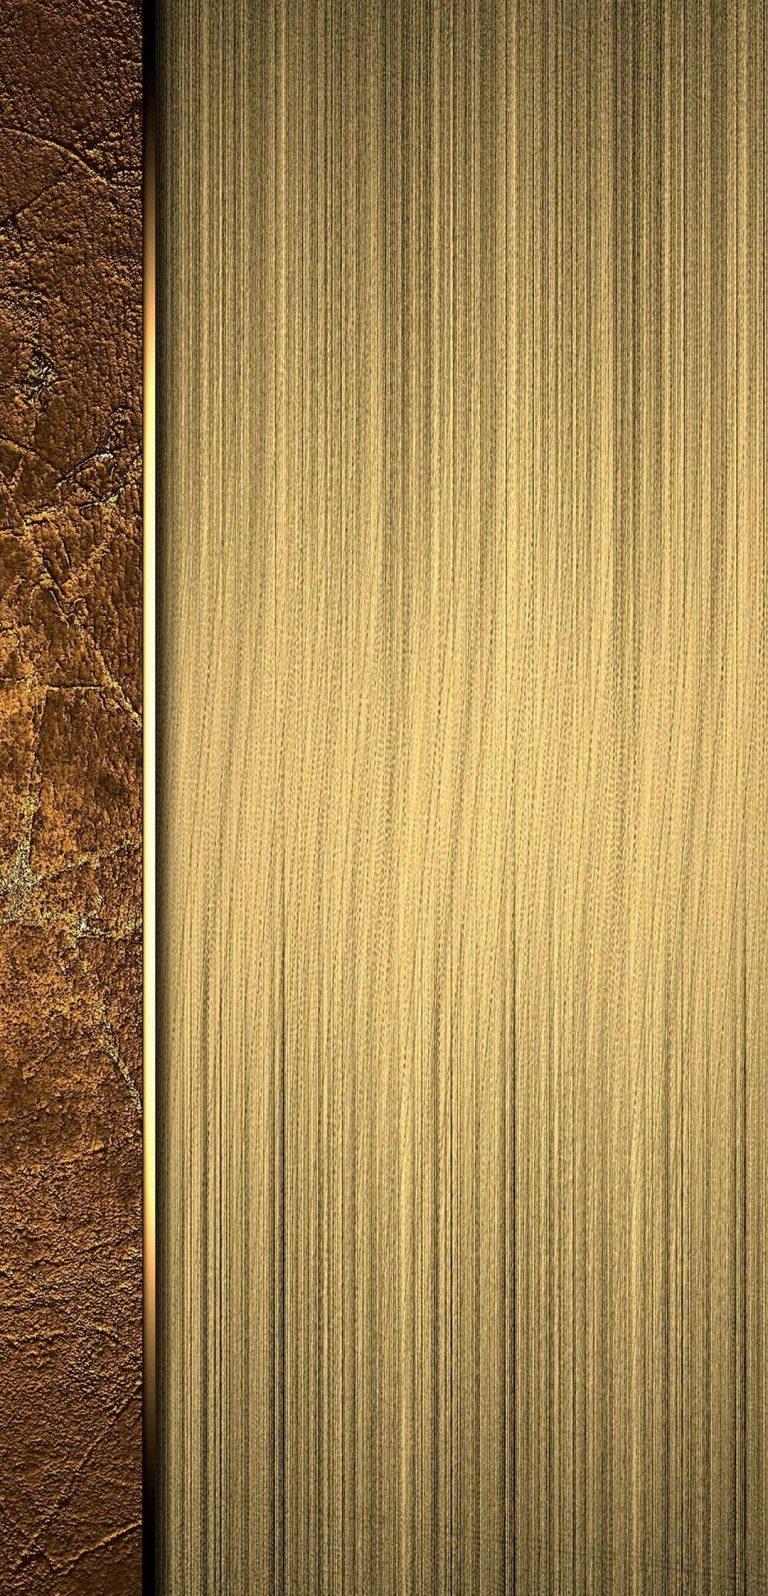 1080x2244 Wallpaper 122 768x1596